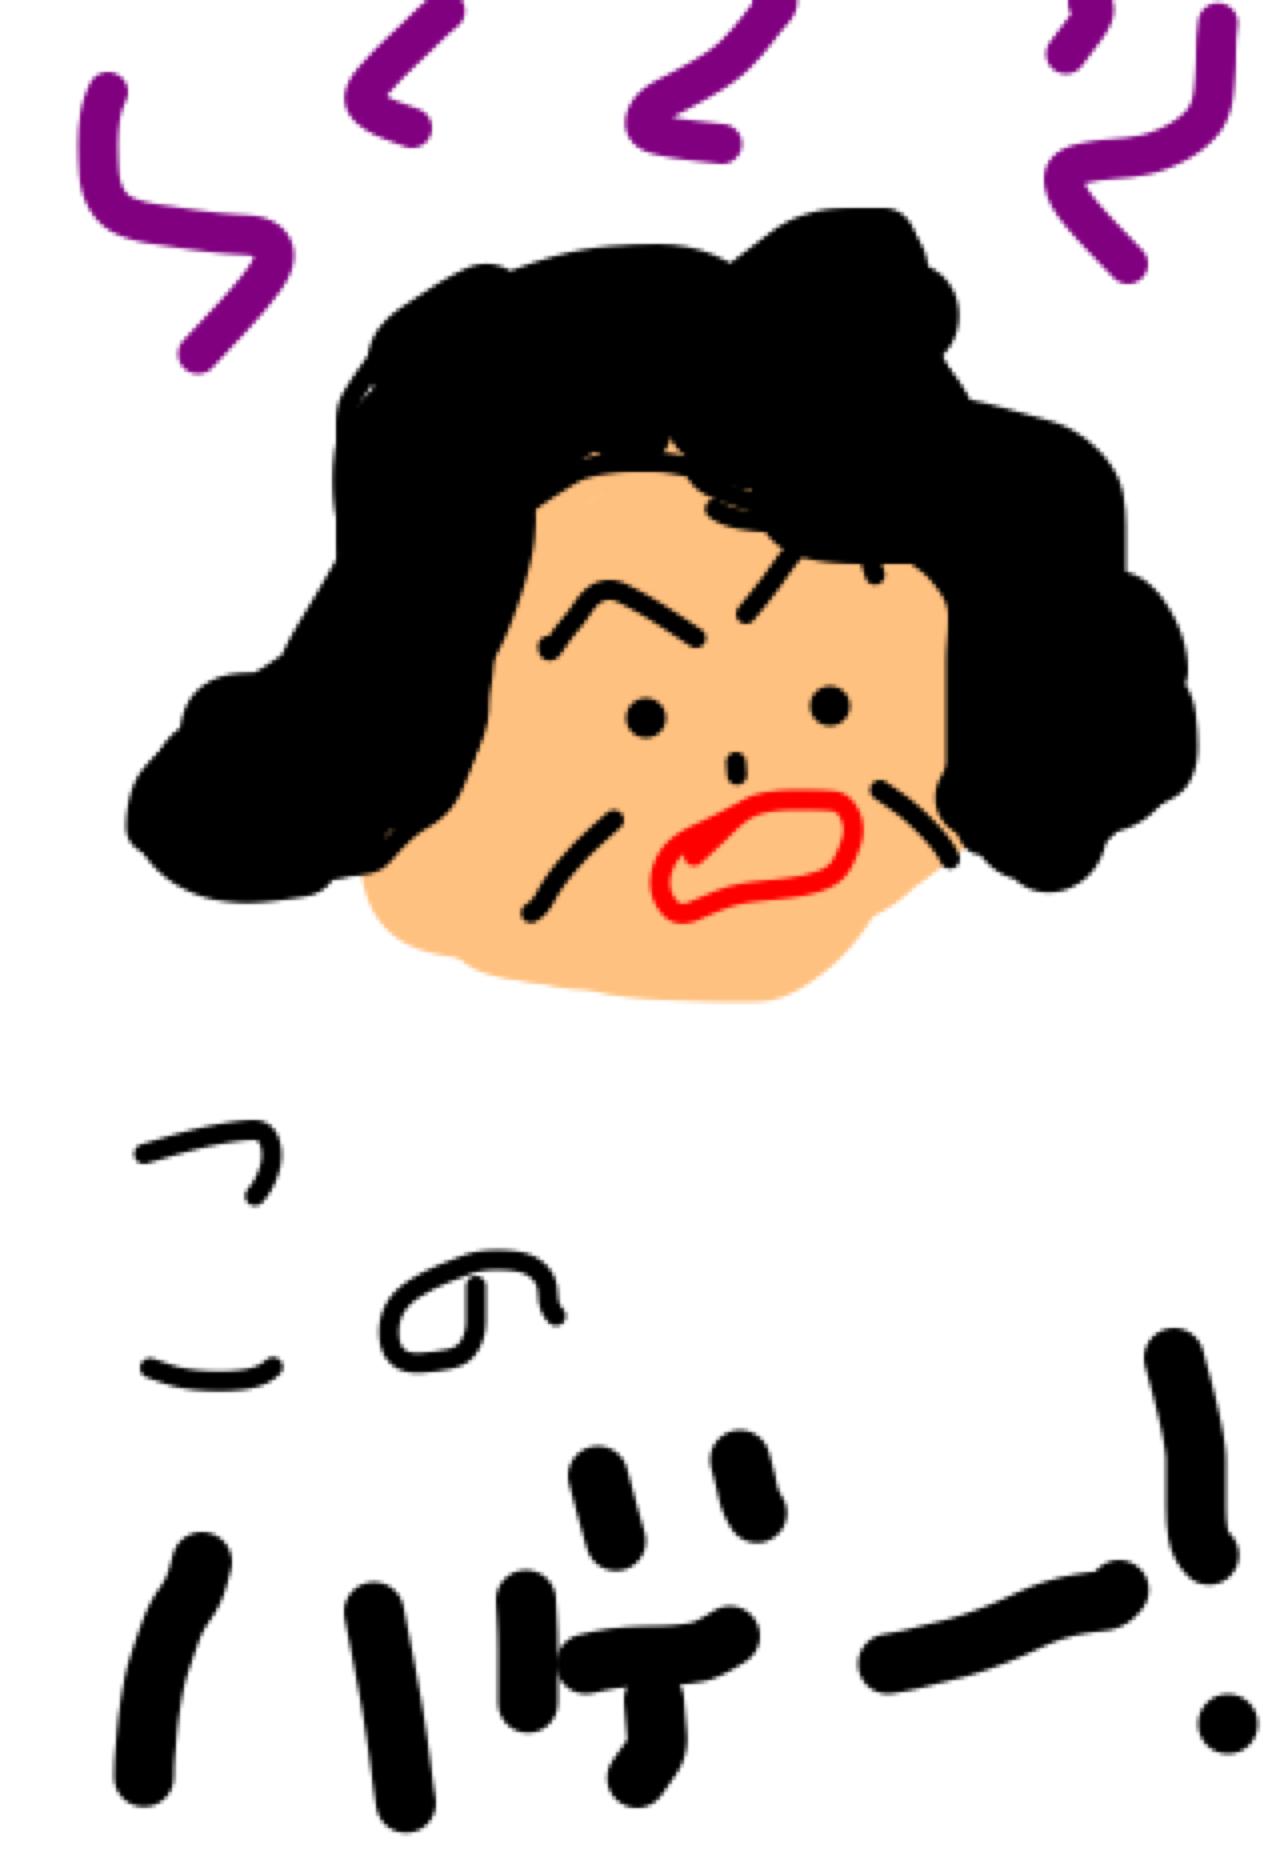 いらすとや風にガルちゃんモチーフを描こうよpart3